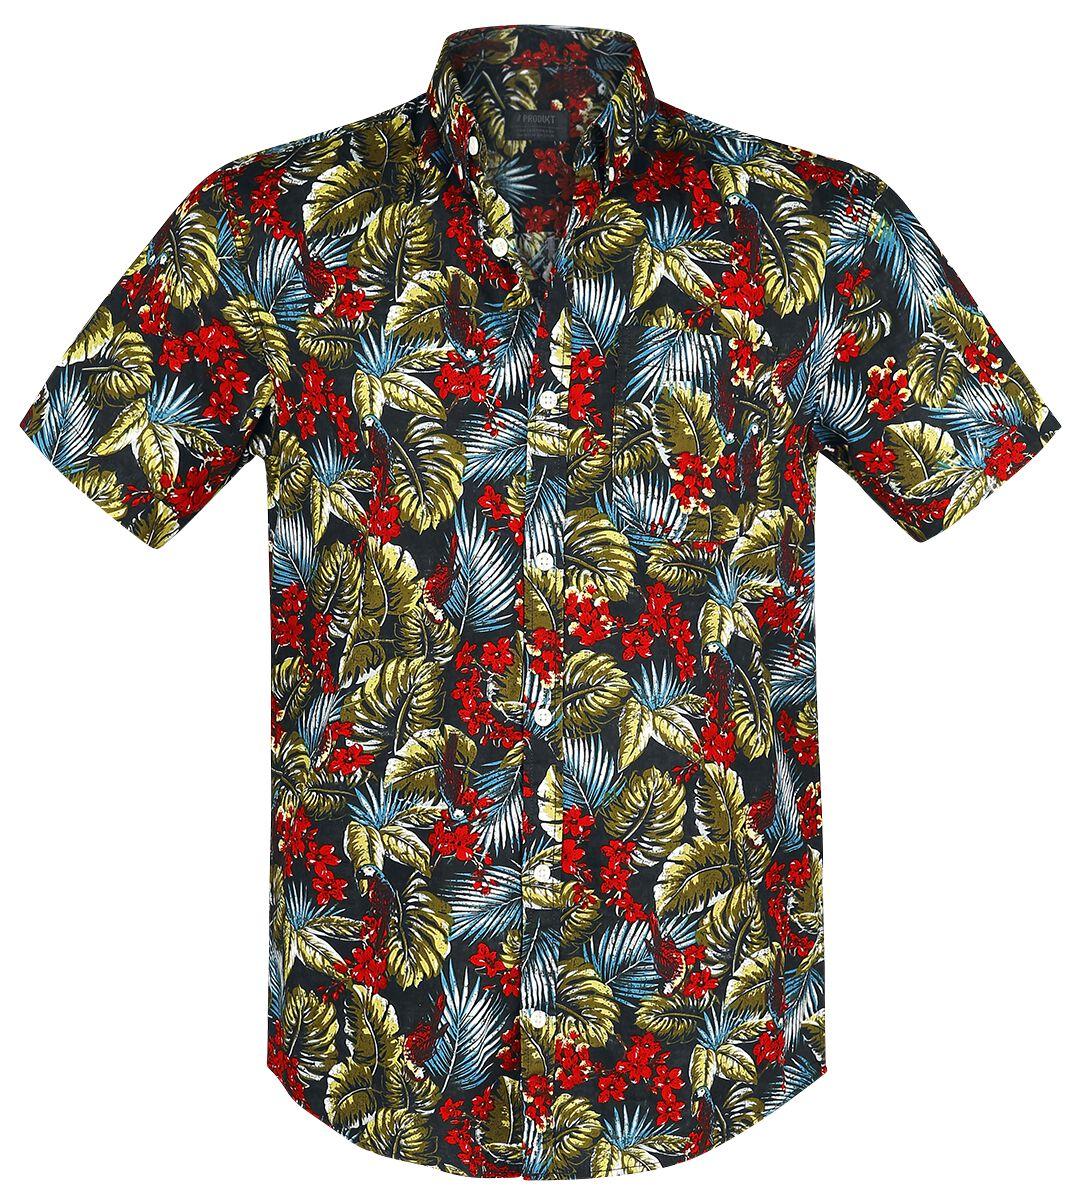 Marki - Koszule z krótkim rękawem - Workershirt Produkt York AOP Shirt Workershirt wielokolorowy - 365793